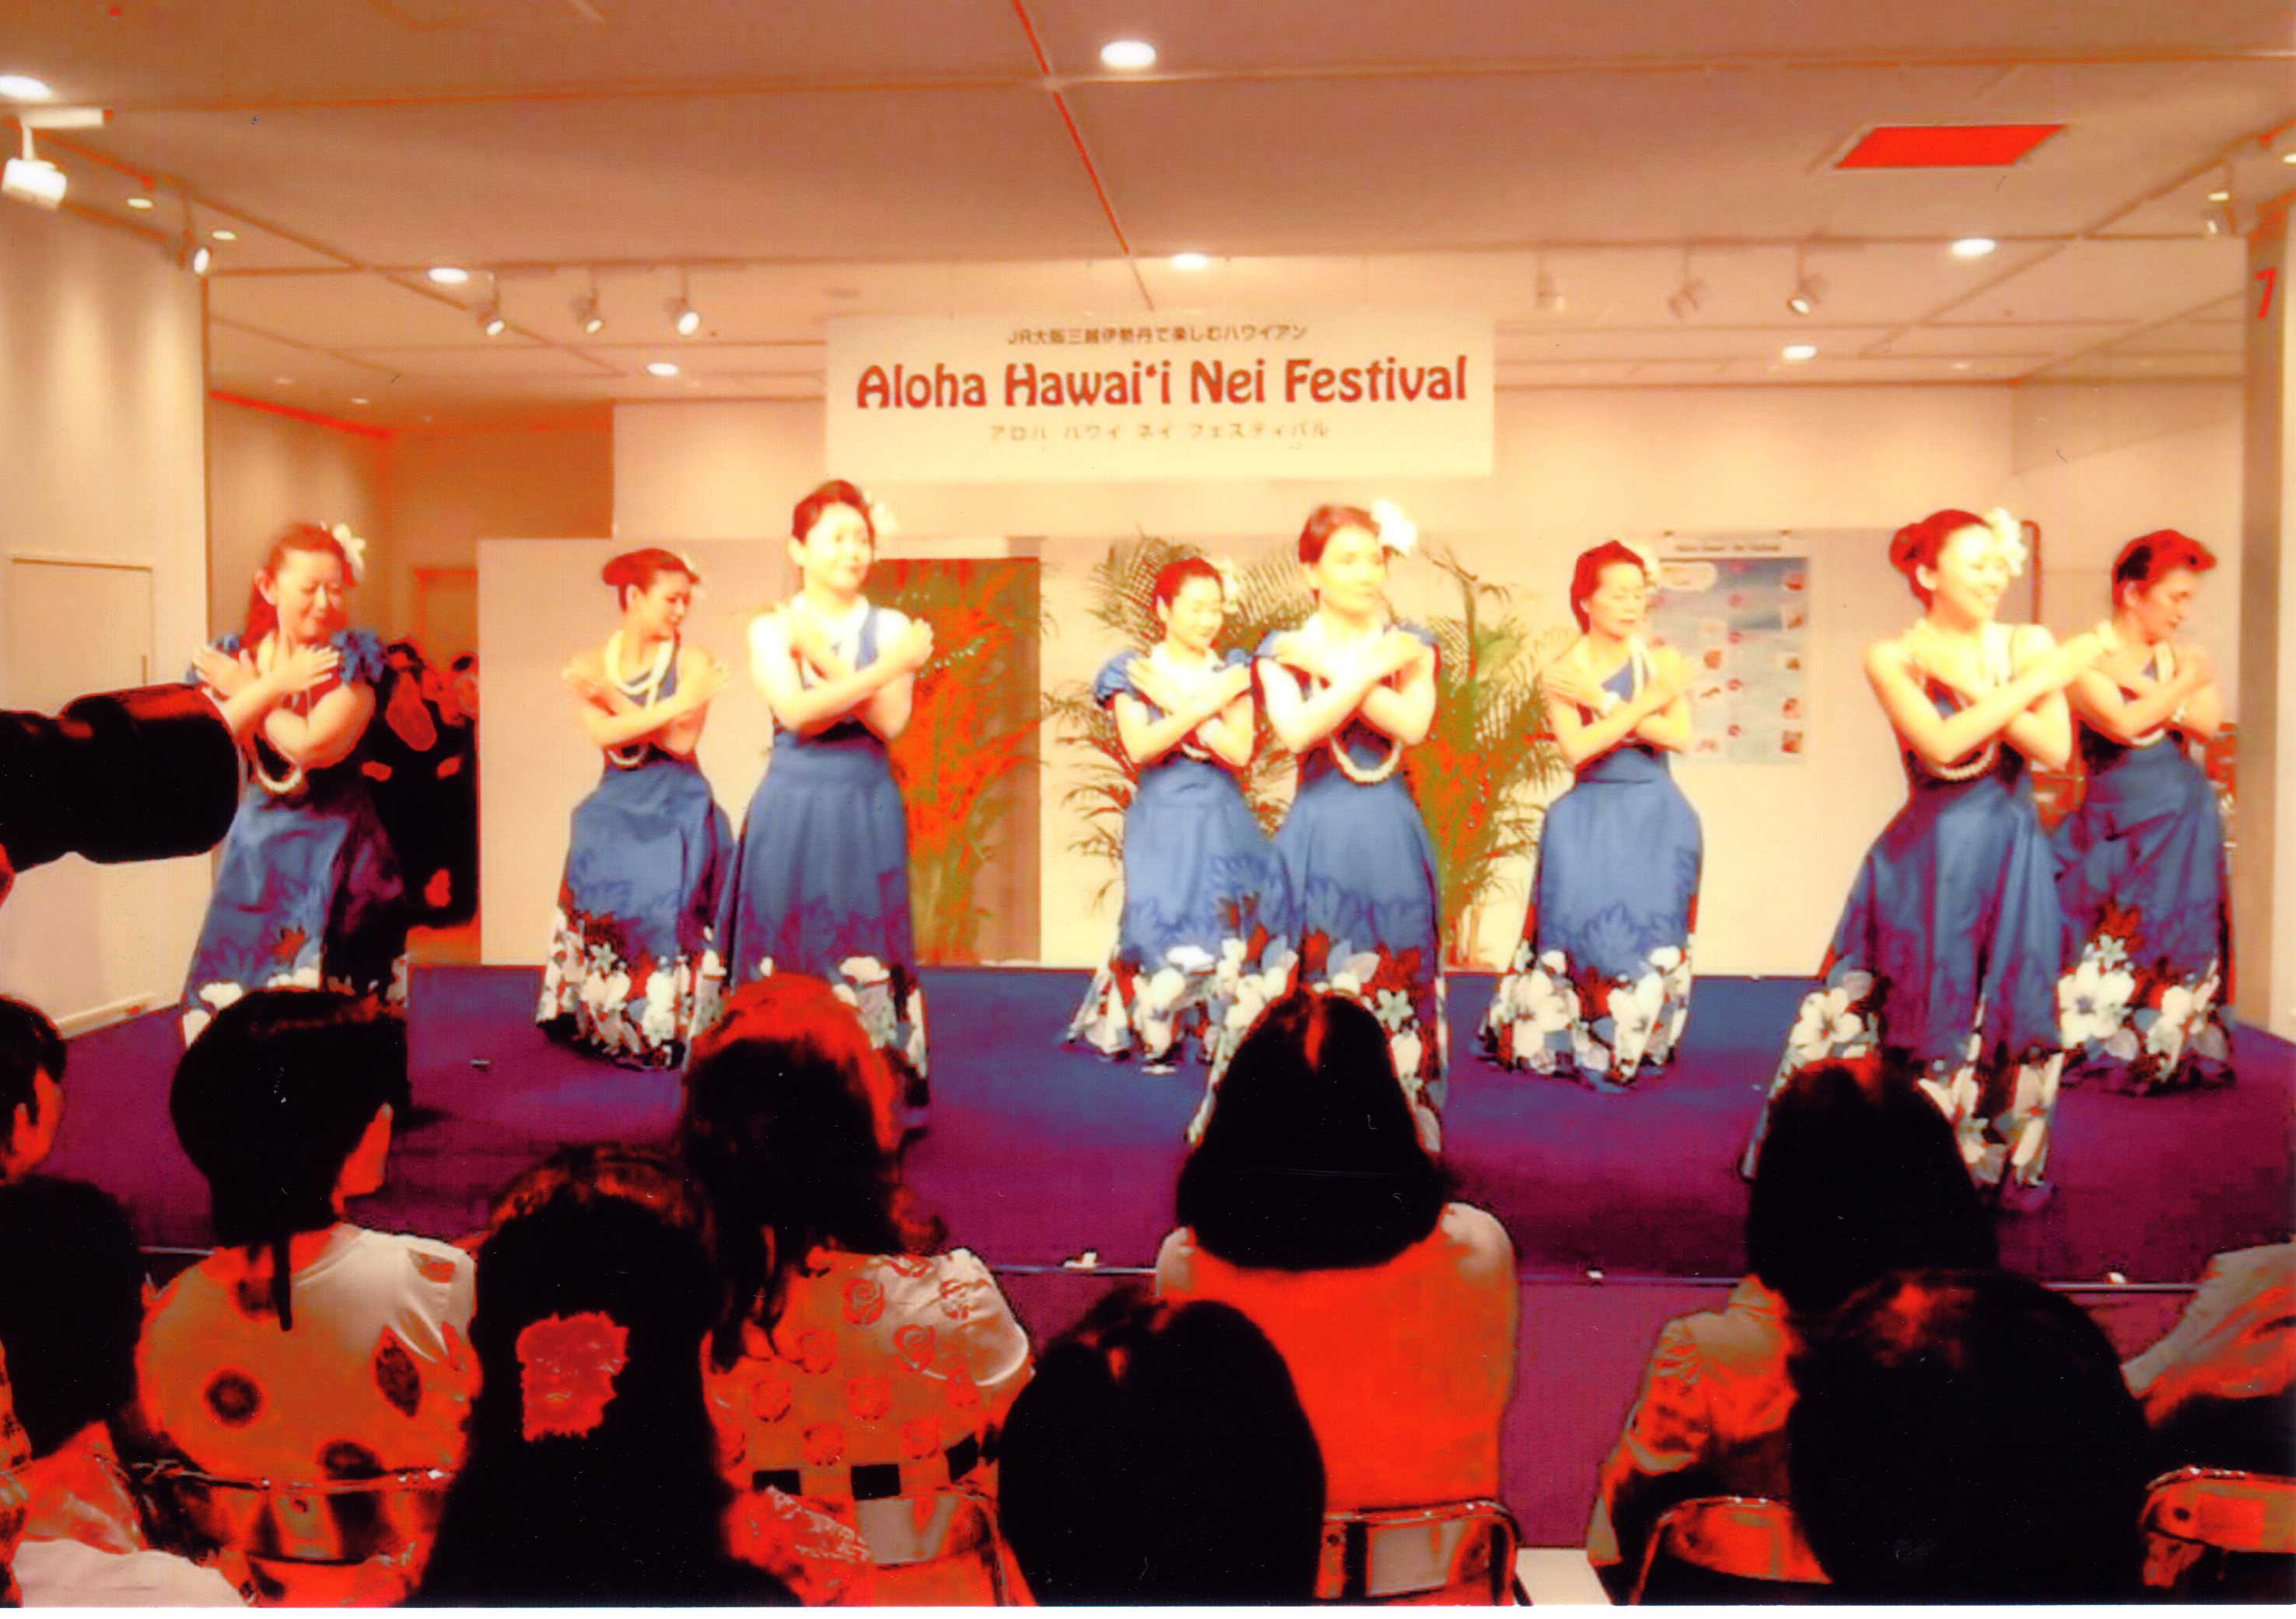 2013年6月21日(金) Aloha Hawai'i Nei Festival